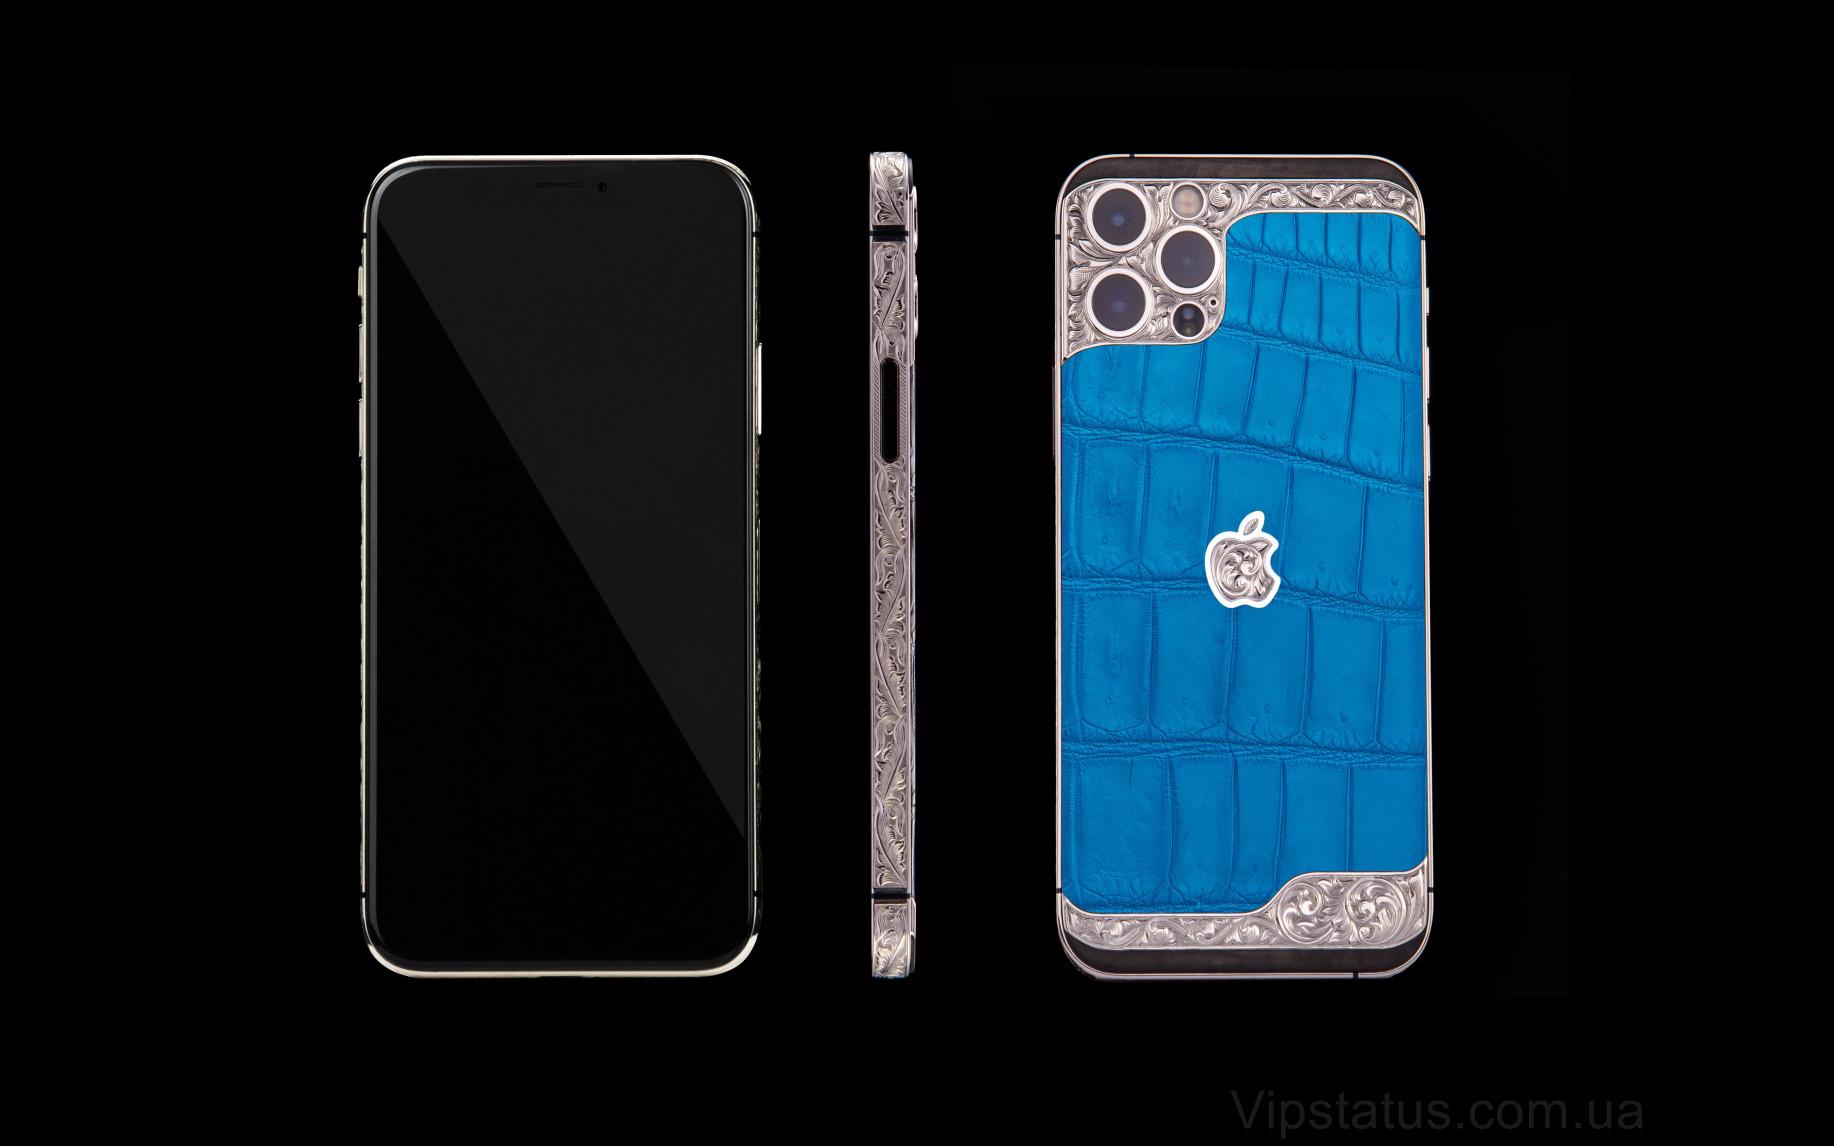 Elite Azure Queen Edition IPHONE 12 PRO MAX 512 GB Azure Queen Edition IPHONE 12 PRO MAX 512 GB image 8